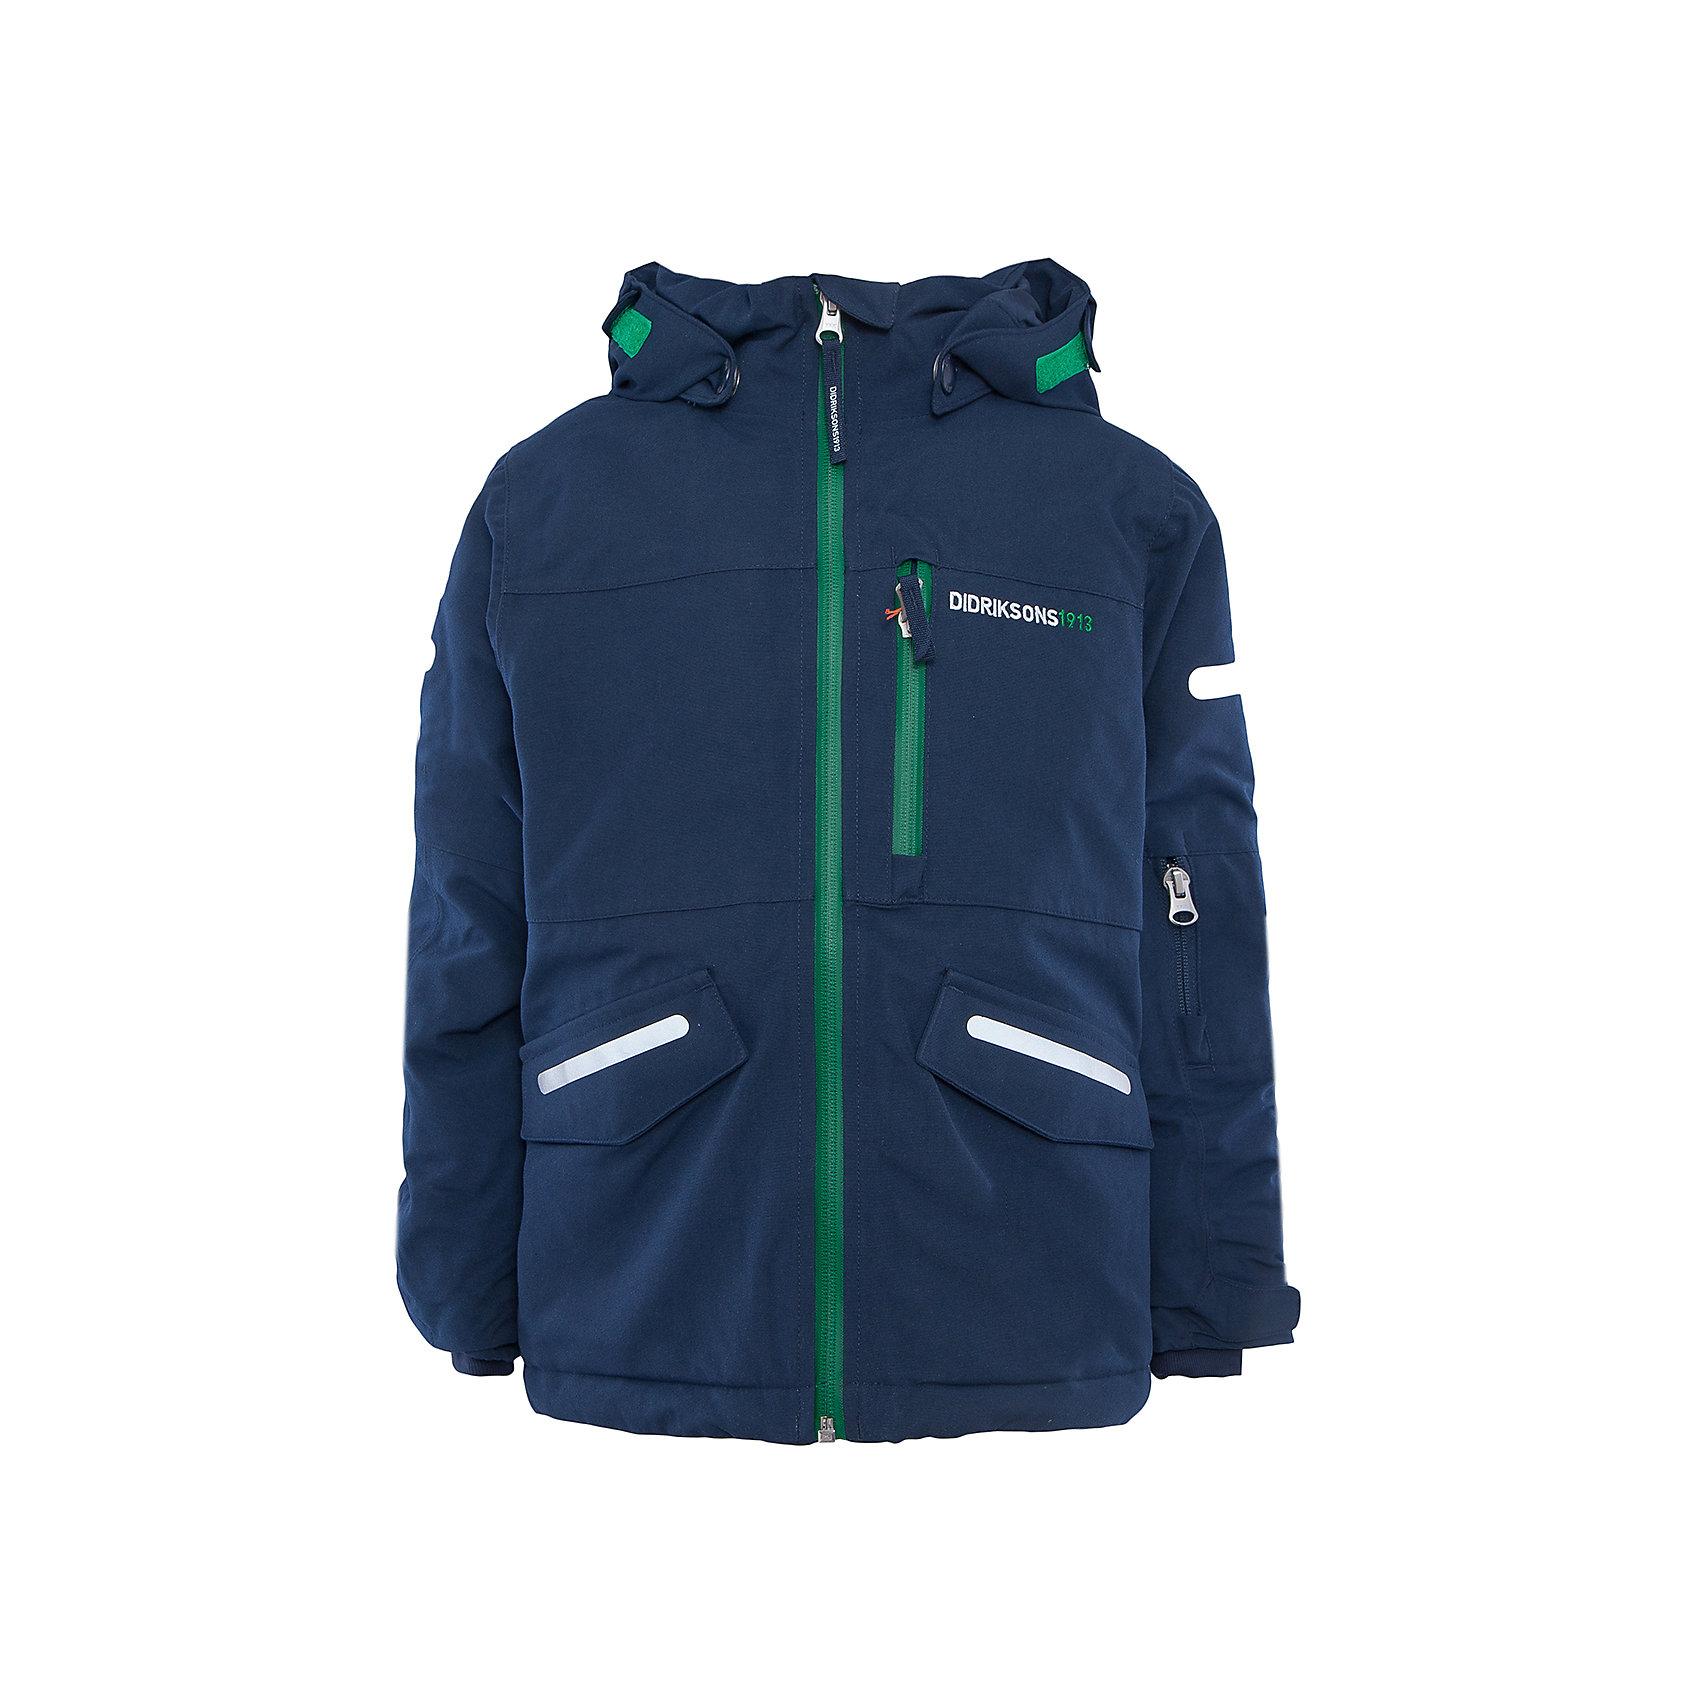 Куртка Guolldo DIDRIKSONSВерхняя одежда<br>Характеристики товара:<br><br>• цвет: синий<br>• материал: 100% полиамид, подкладка 100% полиэстер<br>• утеплитель: 140 г/м<br>• сезон: зима<br>• температурный режим от +5 до -20С<br>• непромокаемая и непродуваемая мембранная ткань<br>• на спине подкладка из искусственного меха<br>• дополнительная пропитка верха<br>• прокленные швы<br>• регулируемый съемный капюшон<br>• манжеты и низ регулируется<br>• петли для крепления варежек<br>• трикотажные манжеты<br>• фронтальная молния под планкой<br>• светоотражающие детали<br>• можно увеличить длину рукавов на один размер <br>• страна бренда: Швеция<br>• страна производства: Бангладеш<br><br>Такие куртки сейчас на пике молодежной моды! Это не только стильно, но еще и очень комфортно, а также тепло. Эта качественная куртка обеспечит ребенку удобство при прогулках и активном отдыхе в межсезонье. Такая модель от шведского производителя легко трансформируется под рост ребенка и погодные условия.<br>Куртка сшита из мембранной ткани, которая позволяет телу дышать, но при этом не промокает и не продувается. Очень стильная и удобная модель! Изделие качественно выполнено, сделано из безопасных для детей материалов. <br><br>Куртку от бренда DIDRIKSONS можно купить в нашем интернет-магазине.<br><br>Ширина мм: 356<br>Глубина мм: 10<br>Высота мм: 245<br>Вес г: 519<br>Цвет: голубой<br>Возраст от месяцев: 48<br>Возраст до месяцев: 60<br>Пол: Мужской<br>Возраст: Детский<br>Размер: 110,140,120,100,90,80,130<br>SKU: 5043891